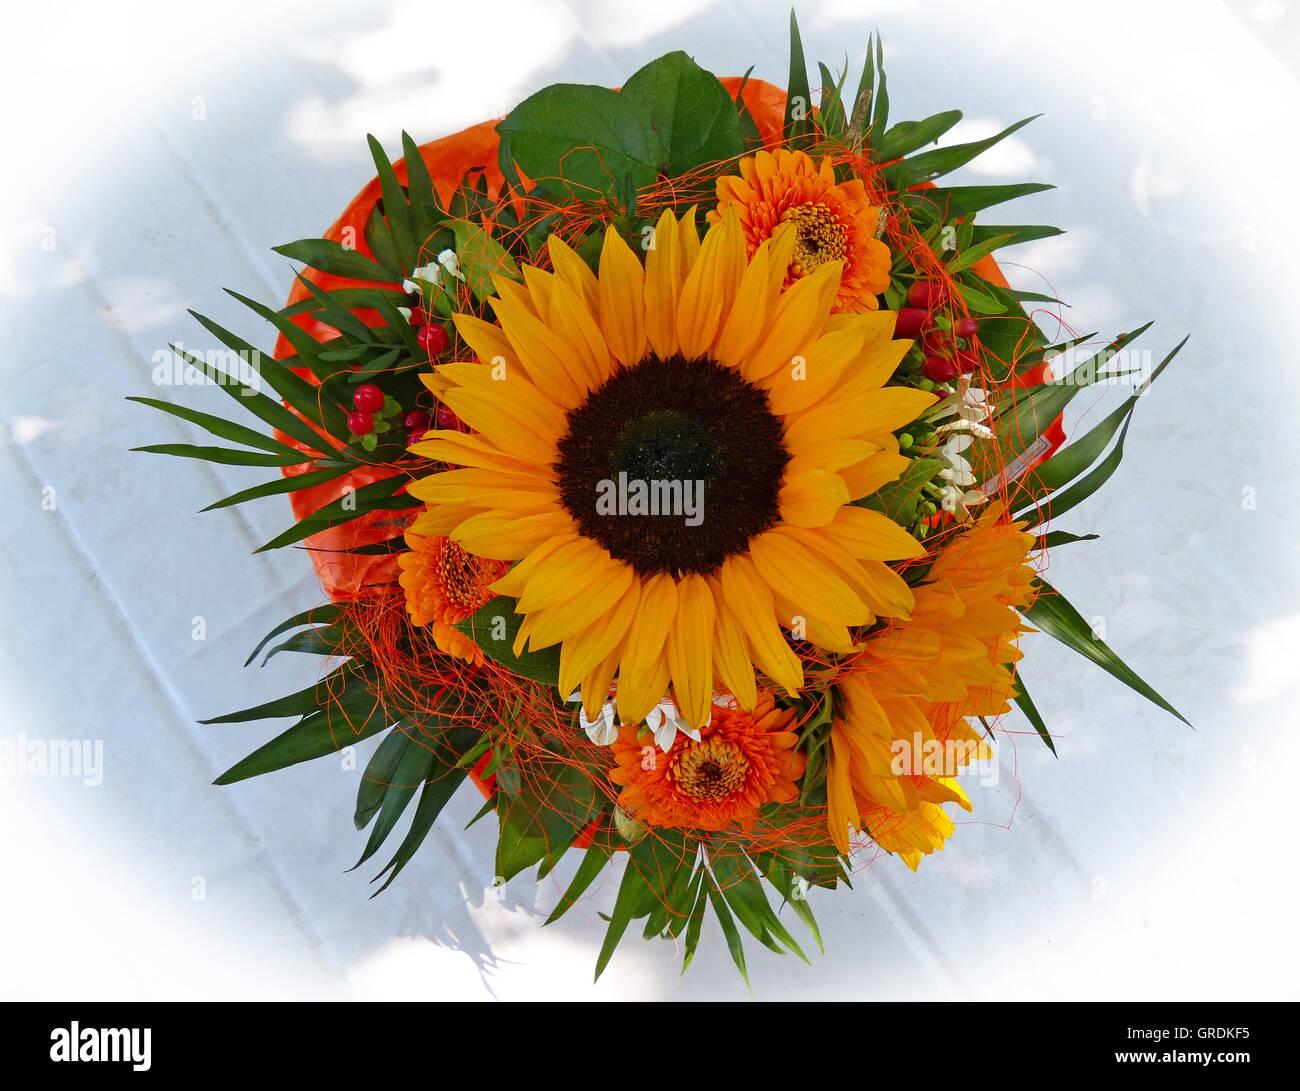 bouquet de fleurs, bouquet de tournesol banque d'images, photo stock